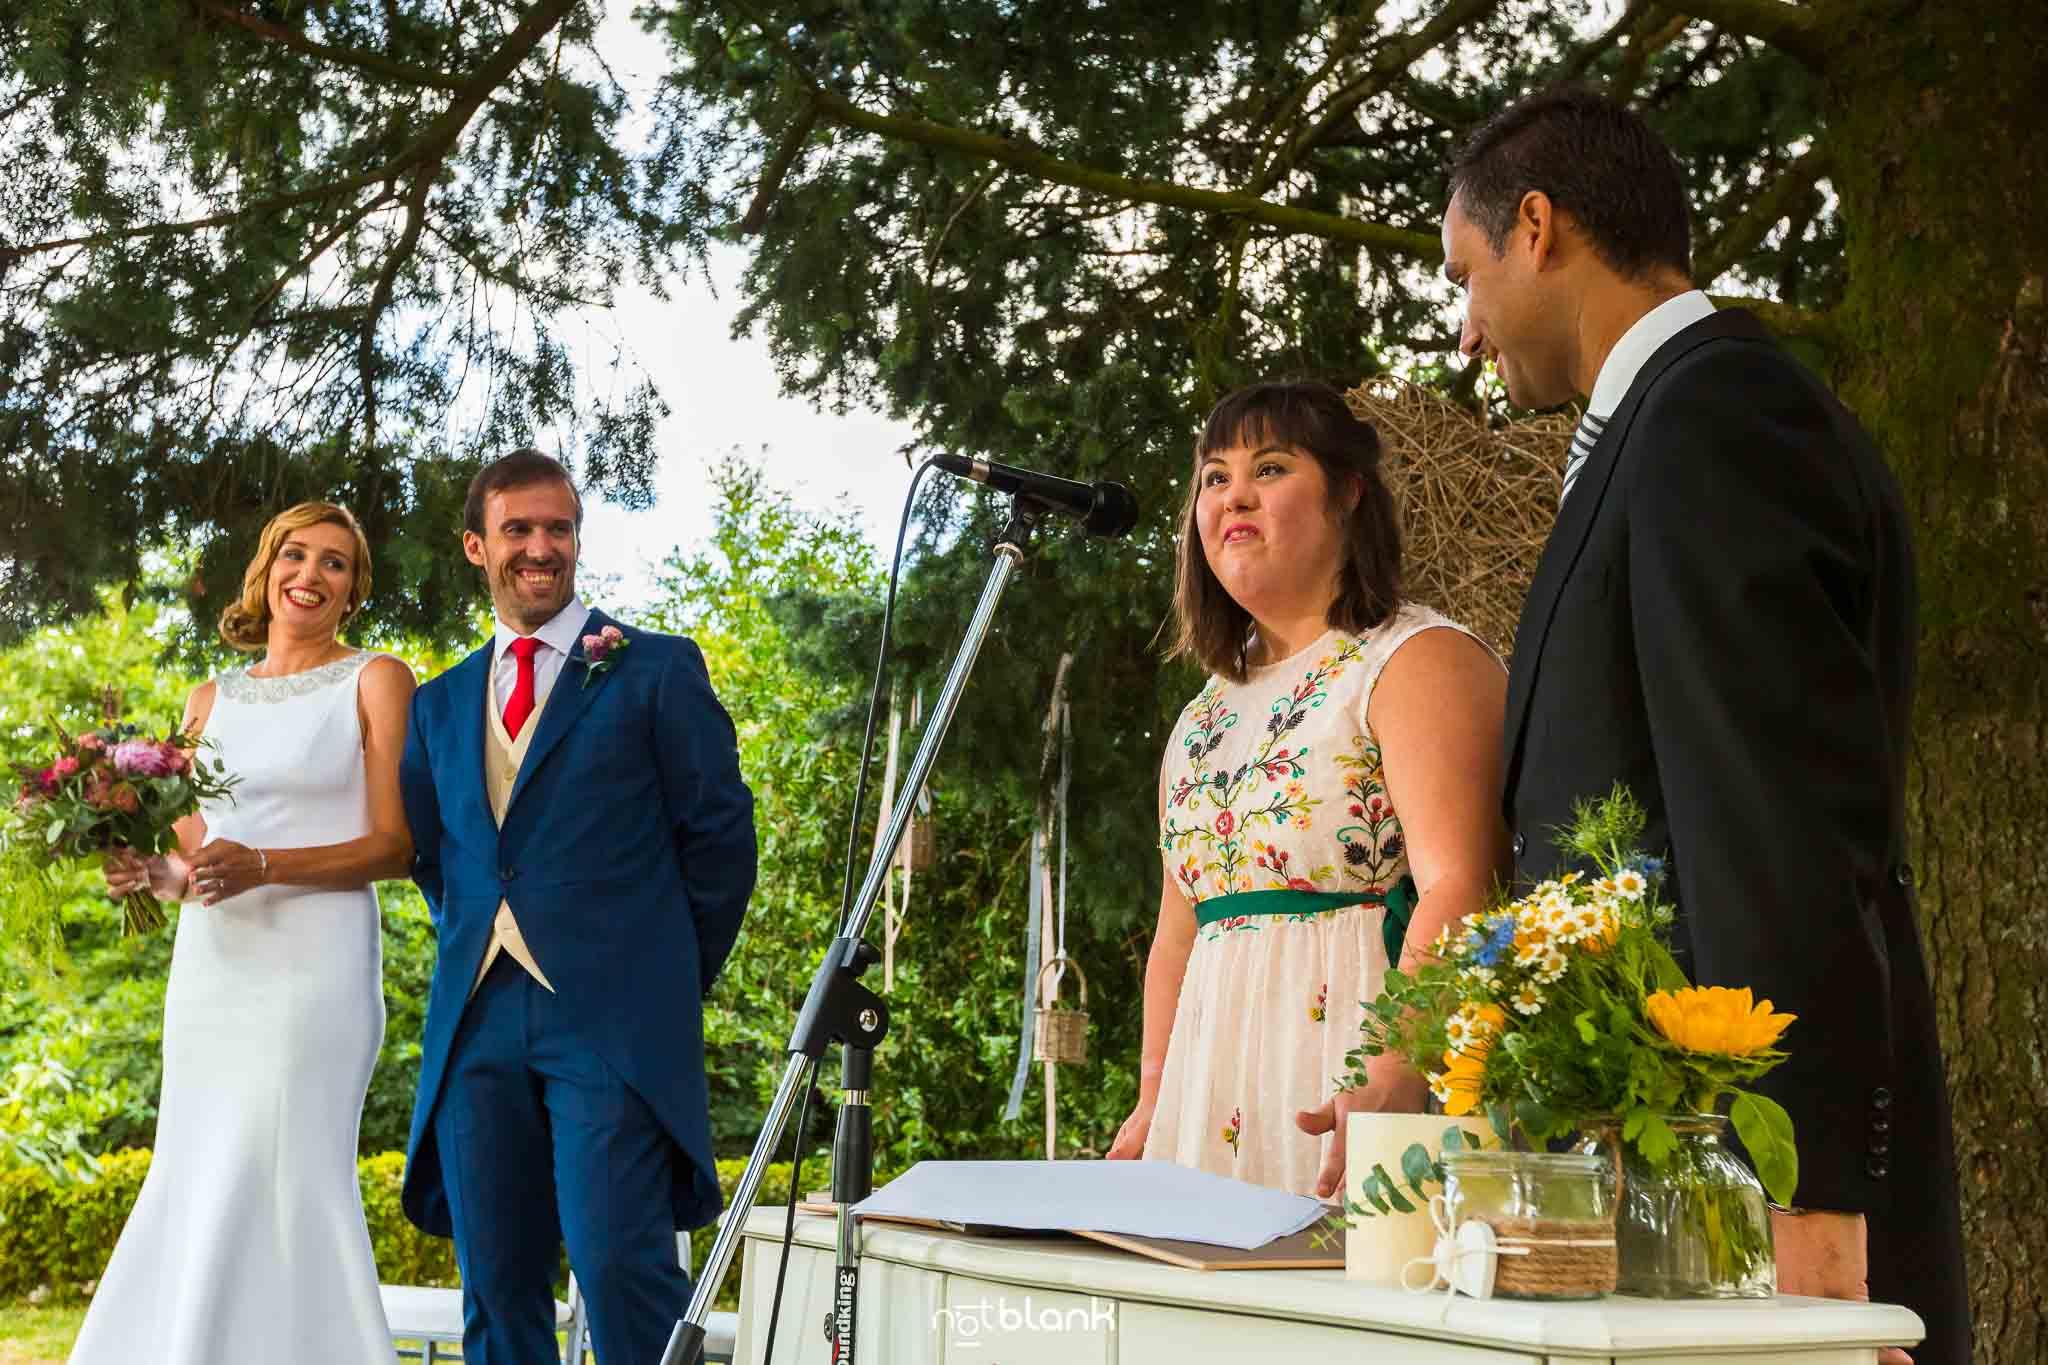 Boda En El Jardin De Casa Jana y Fran - La hermana de la novia grita VIVA LOS NOVIOS durante la ceremonia civil - Notblank Fotografos de boda